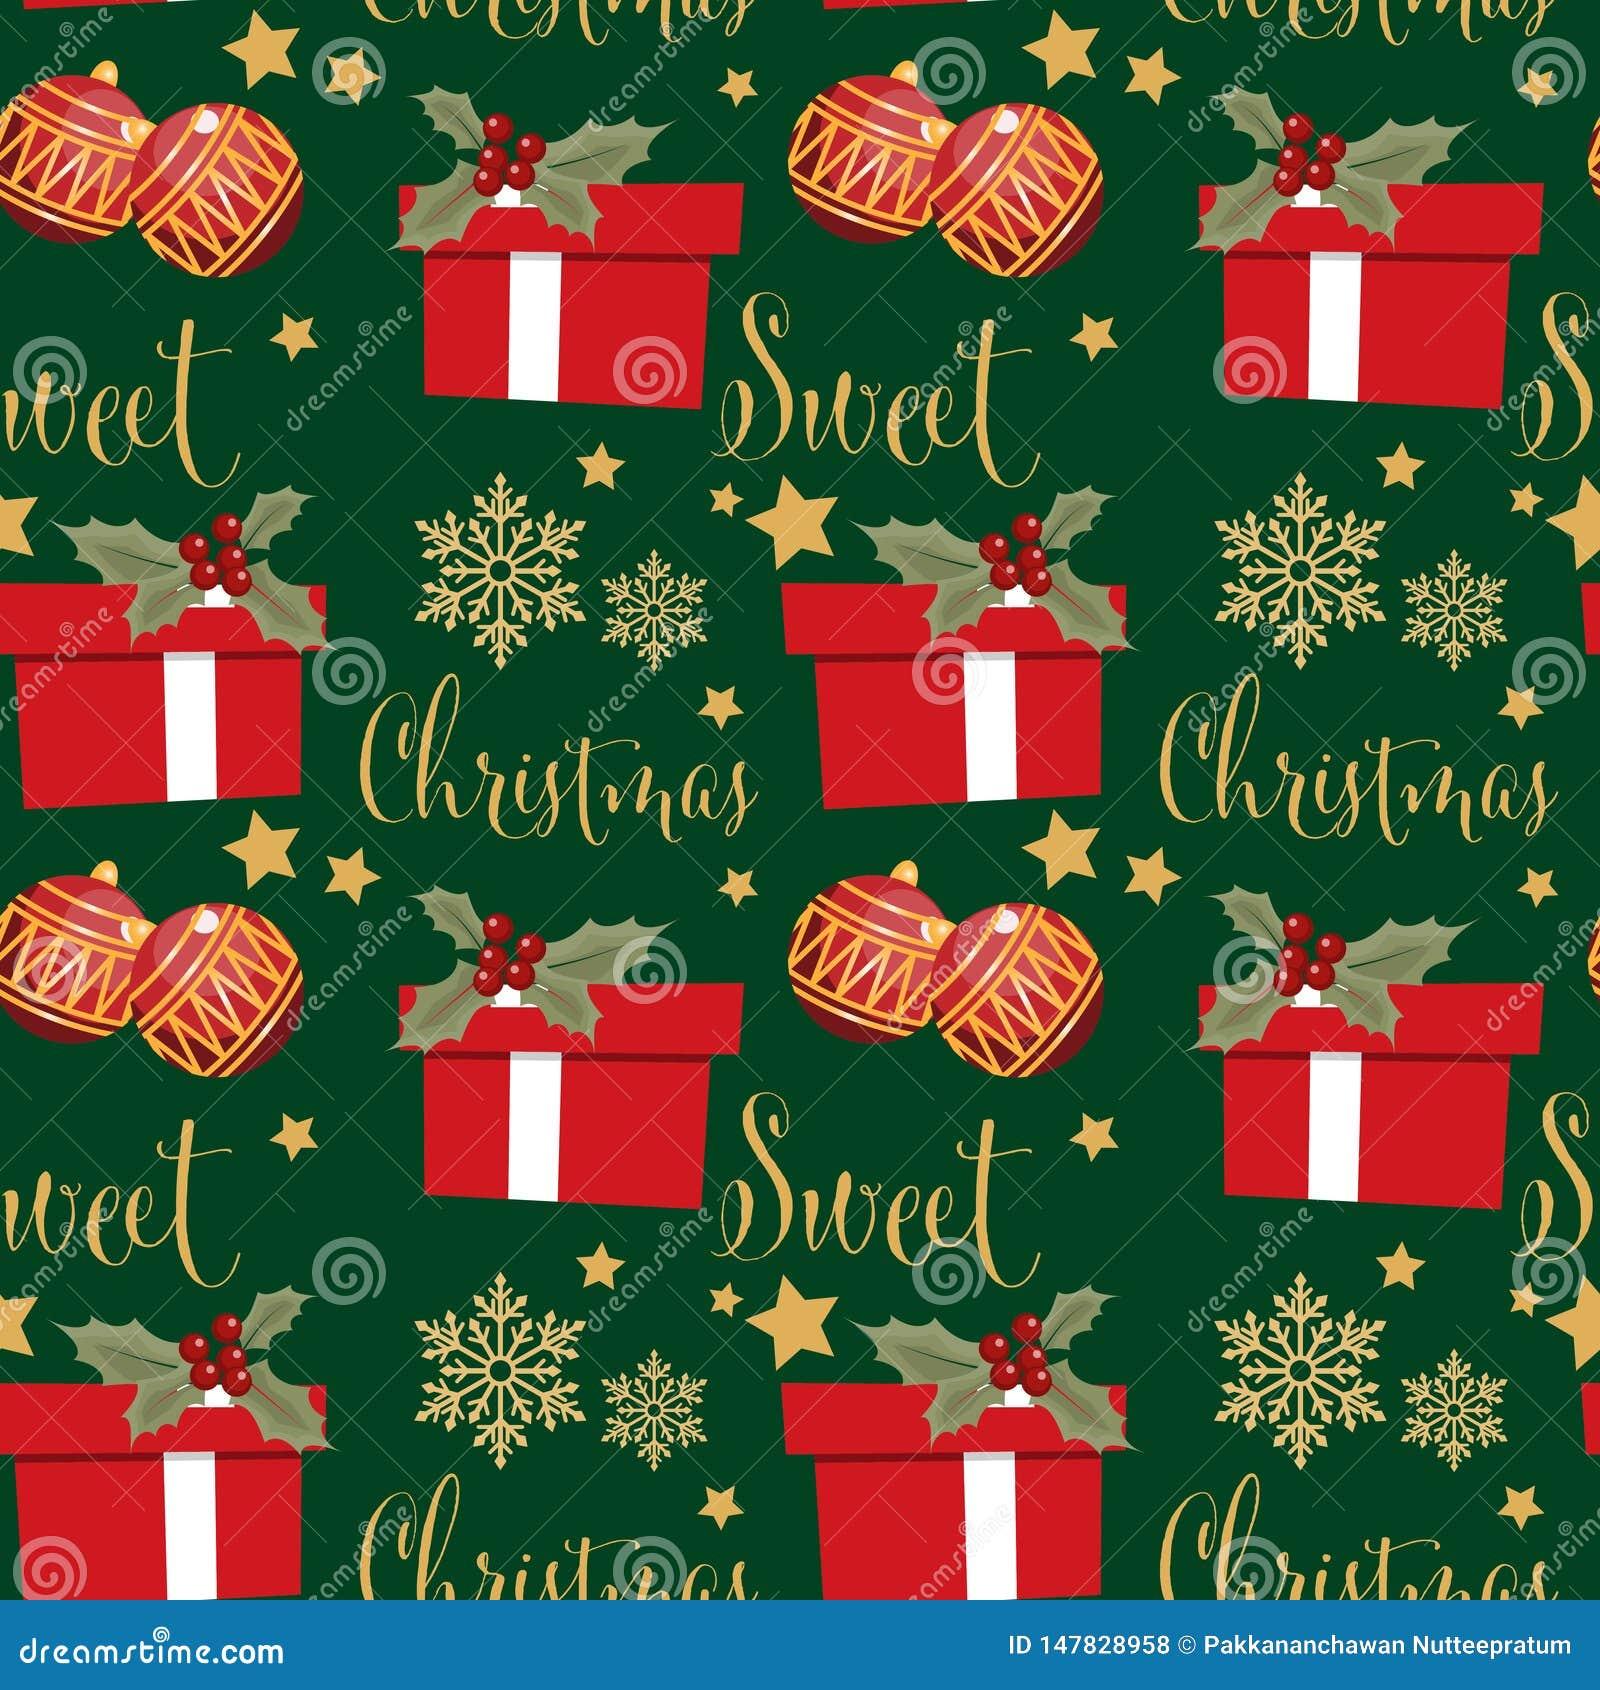 Άνευ ραφής σχέδιο περιόδου διακοπών Χριστουγέννων με Άγιο Βασίλη με τη νιφάδα χιονιού, το χιονάνθρωπο, τα μούρα ελαιόπρινου και τ